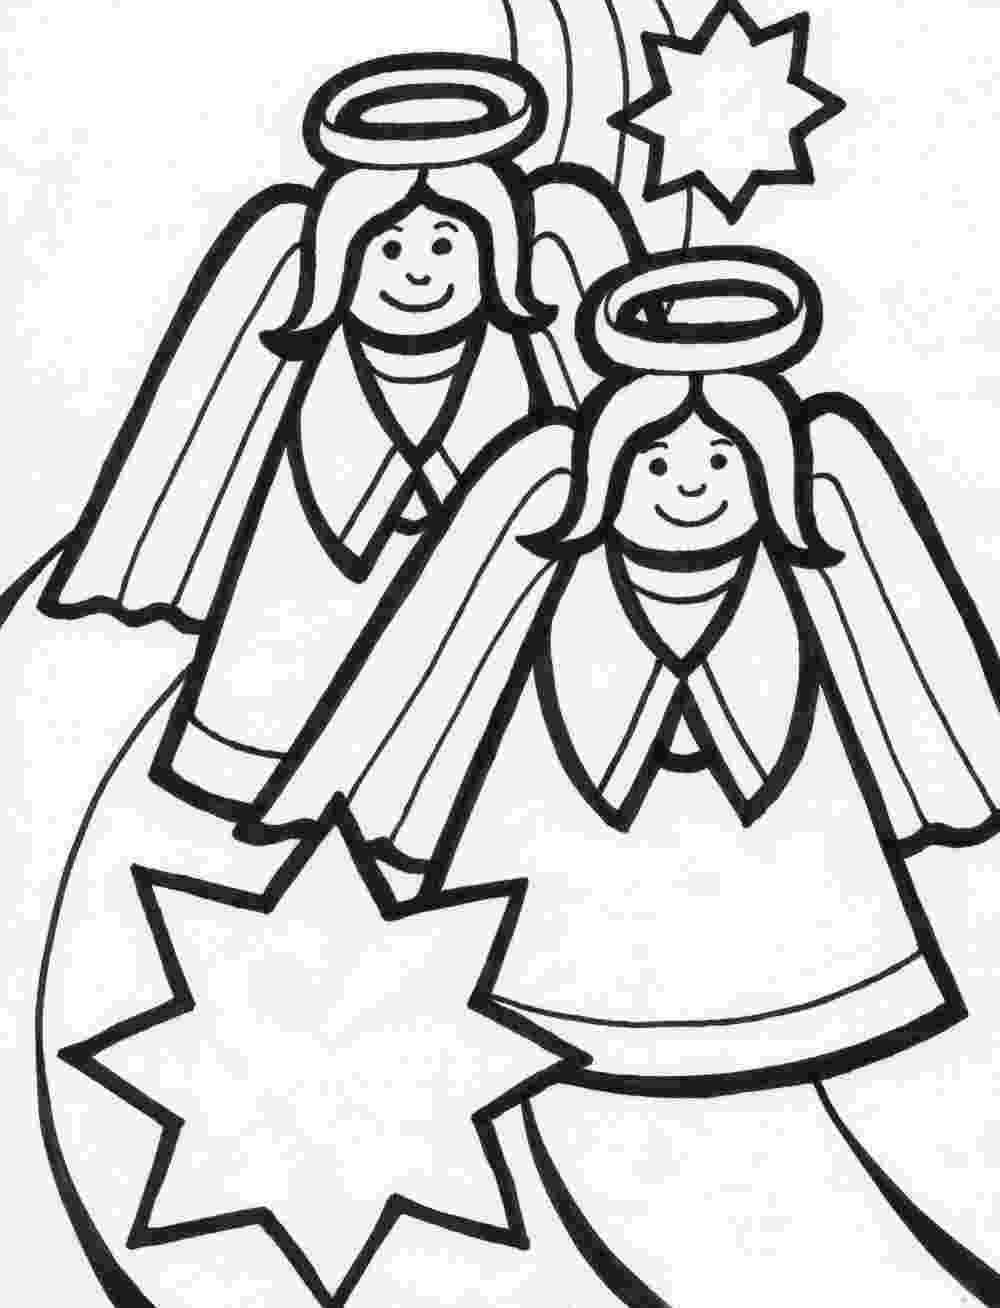 christmas angel coloring pages christmas angel coloring pages fantasy coloring pages pages coloring angel christmas